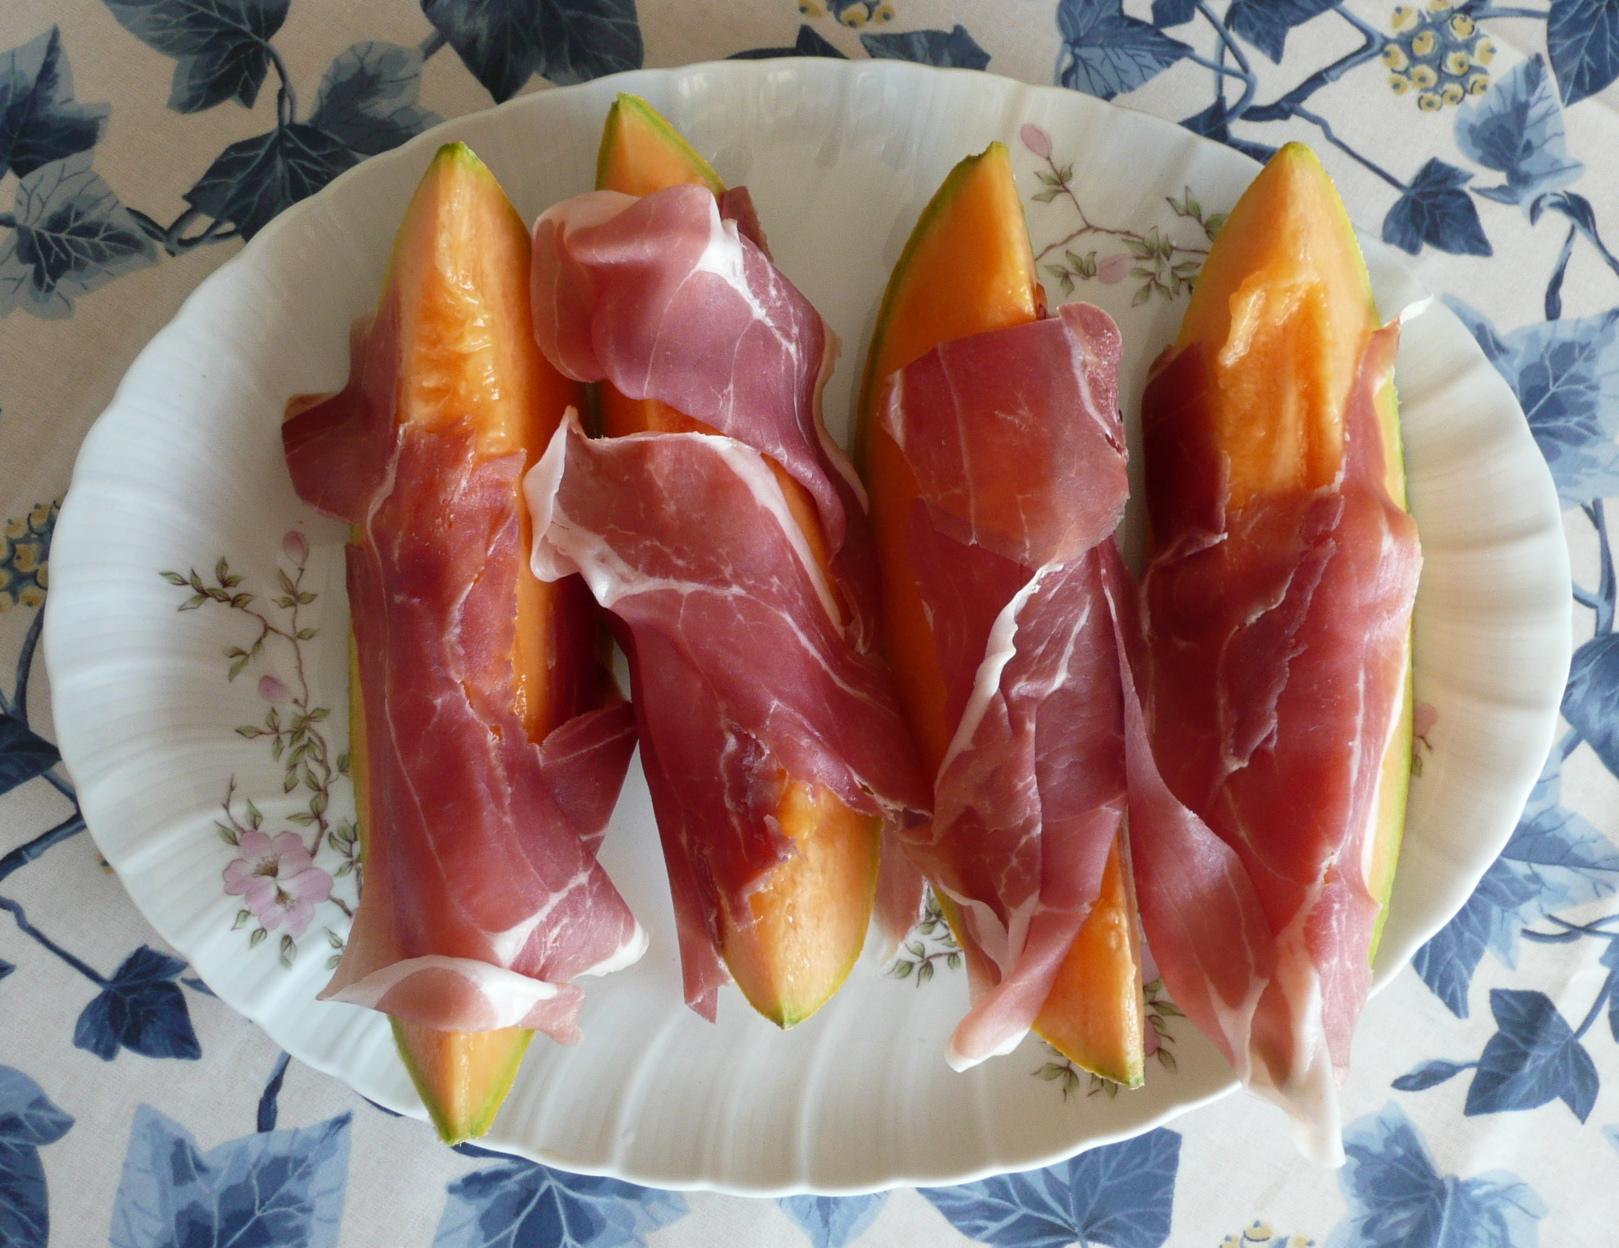 File:Prosciutto di Parma e melone.jpg - Wikipedia